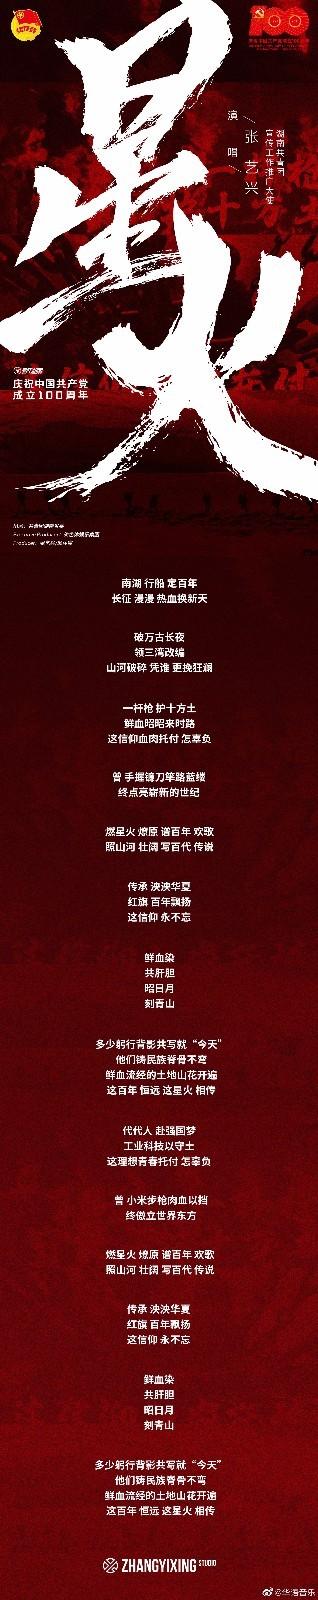 张艺兴与湖南共青团合作 演唱《星火》庆百年华诞